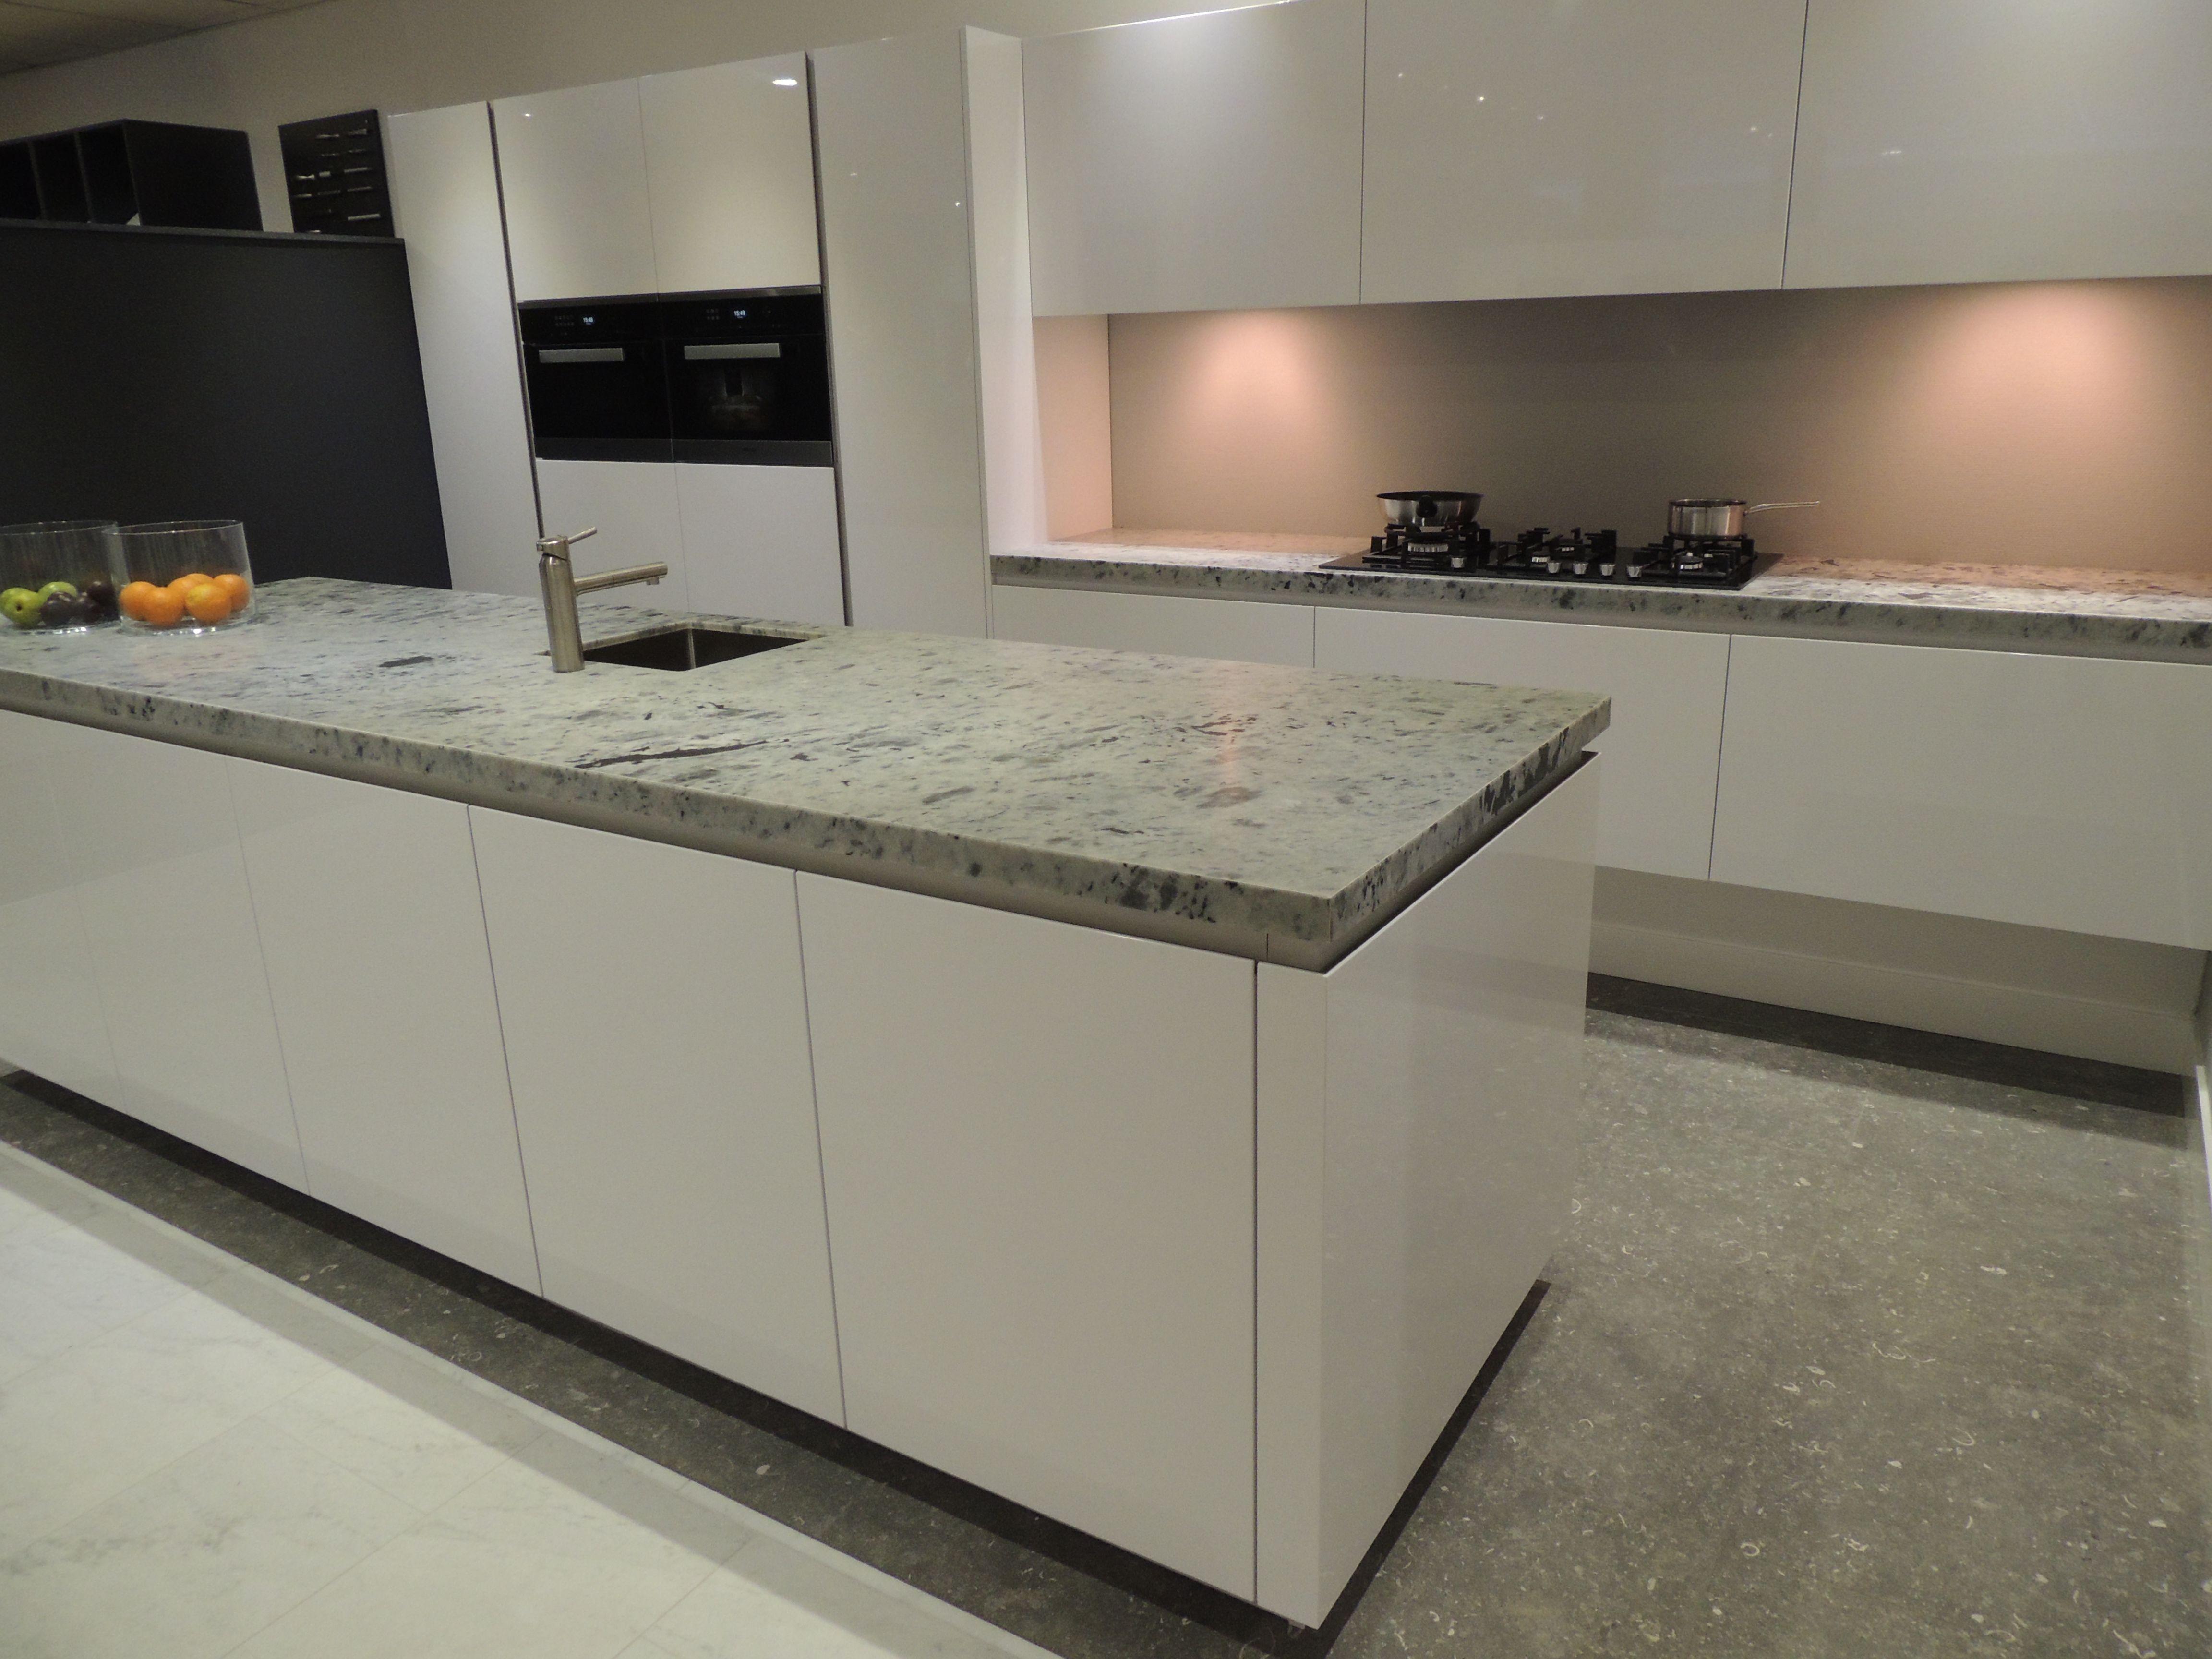 Ideen für mobile kücheneinrichtungen type tio hoogglans wit gespoten rational keuken nnbv